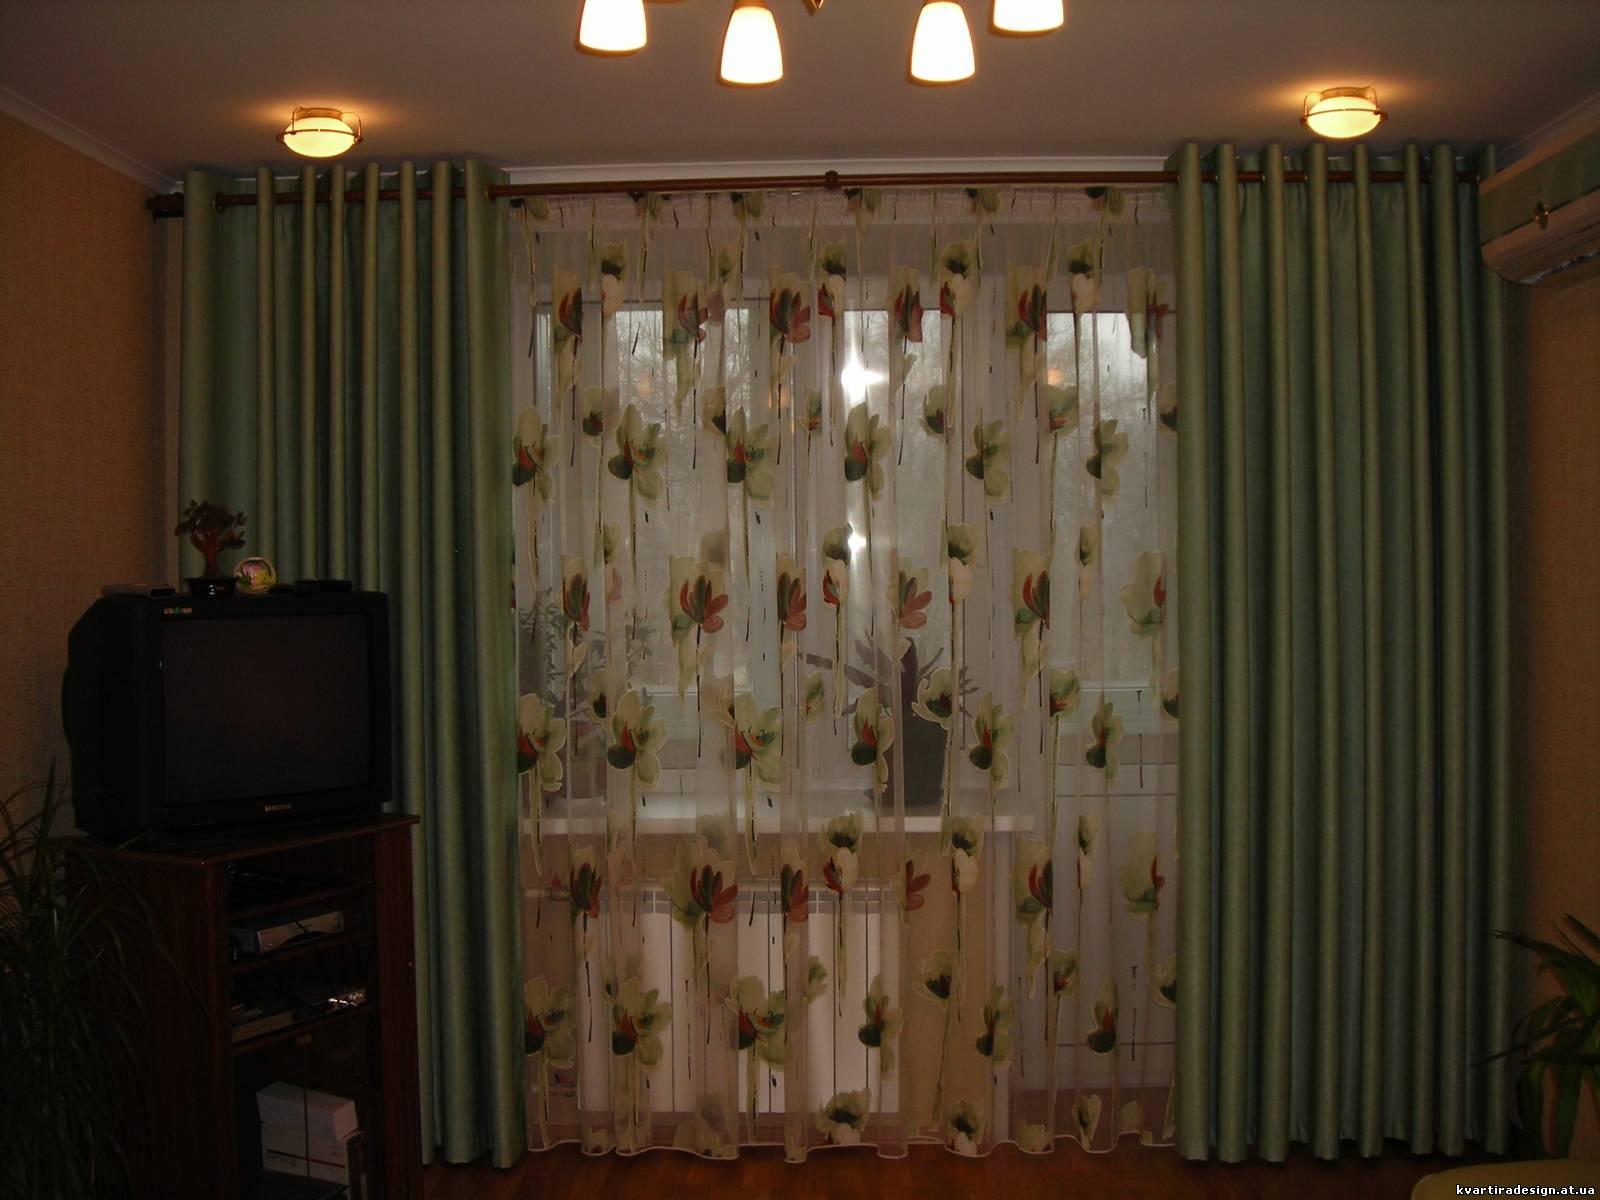 Дизайн окна в зале фото